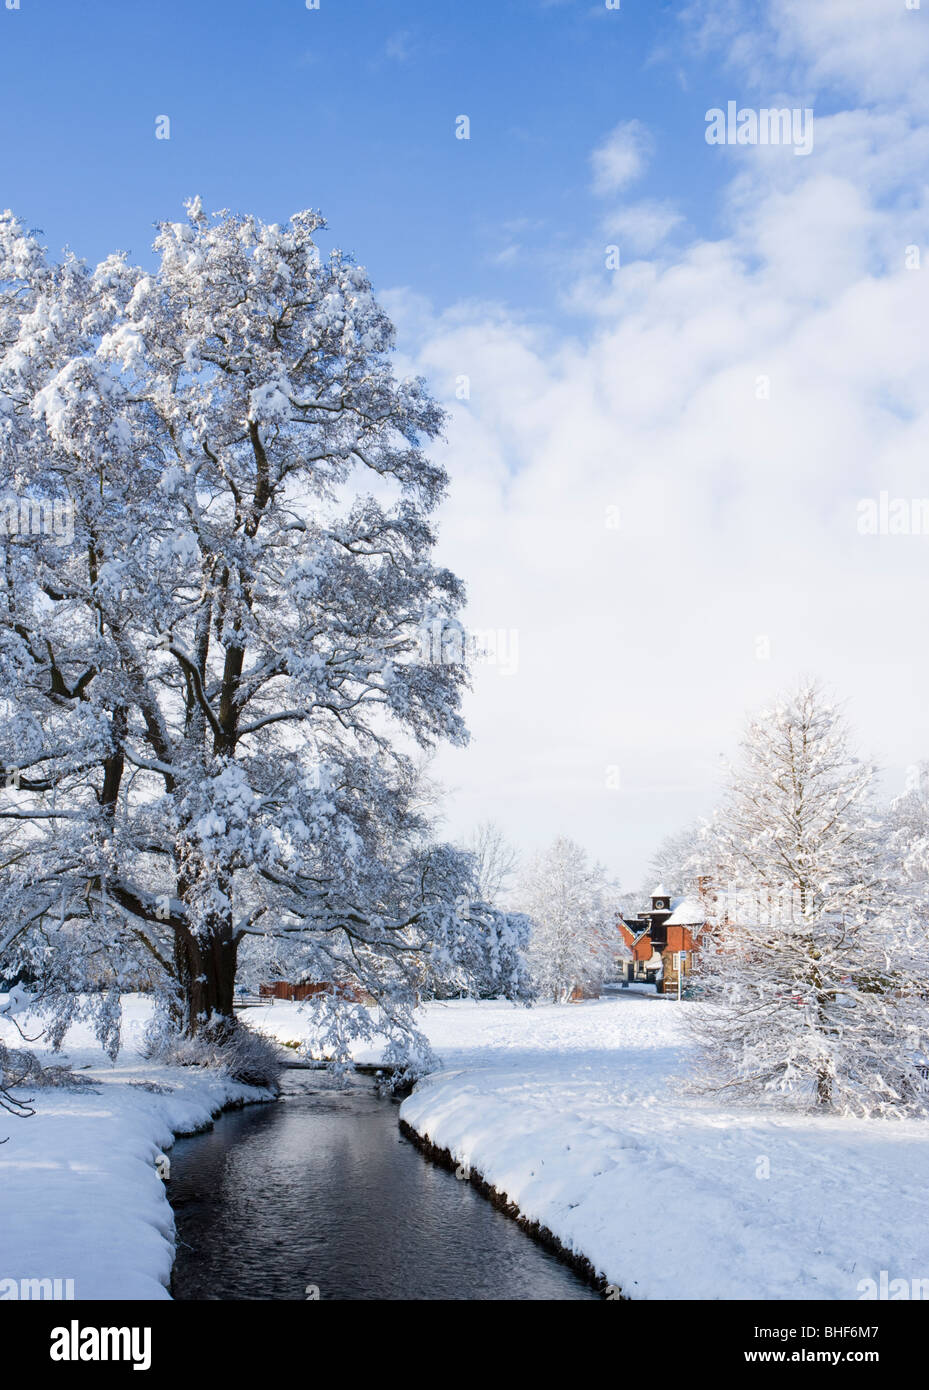 Winter at Abinger Hammer, Surrey, UK. Tilling Bourne. - Stock Image